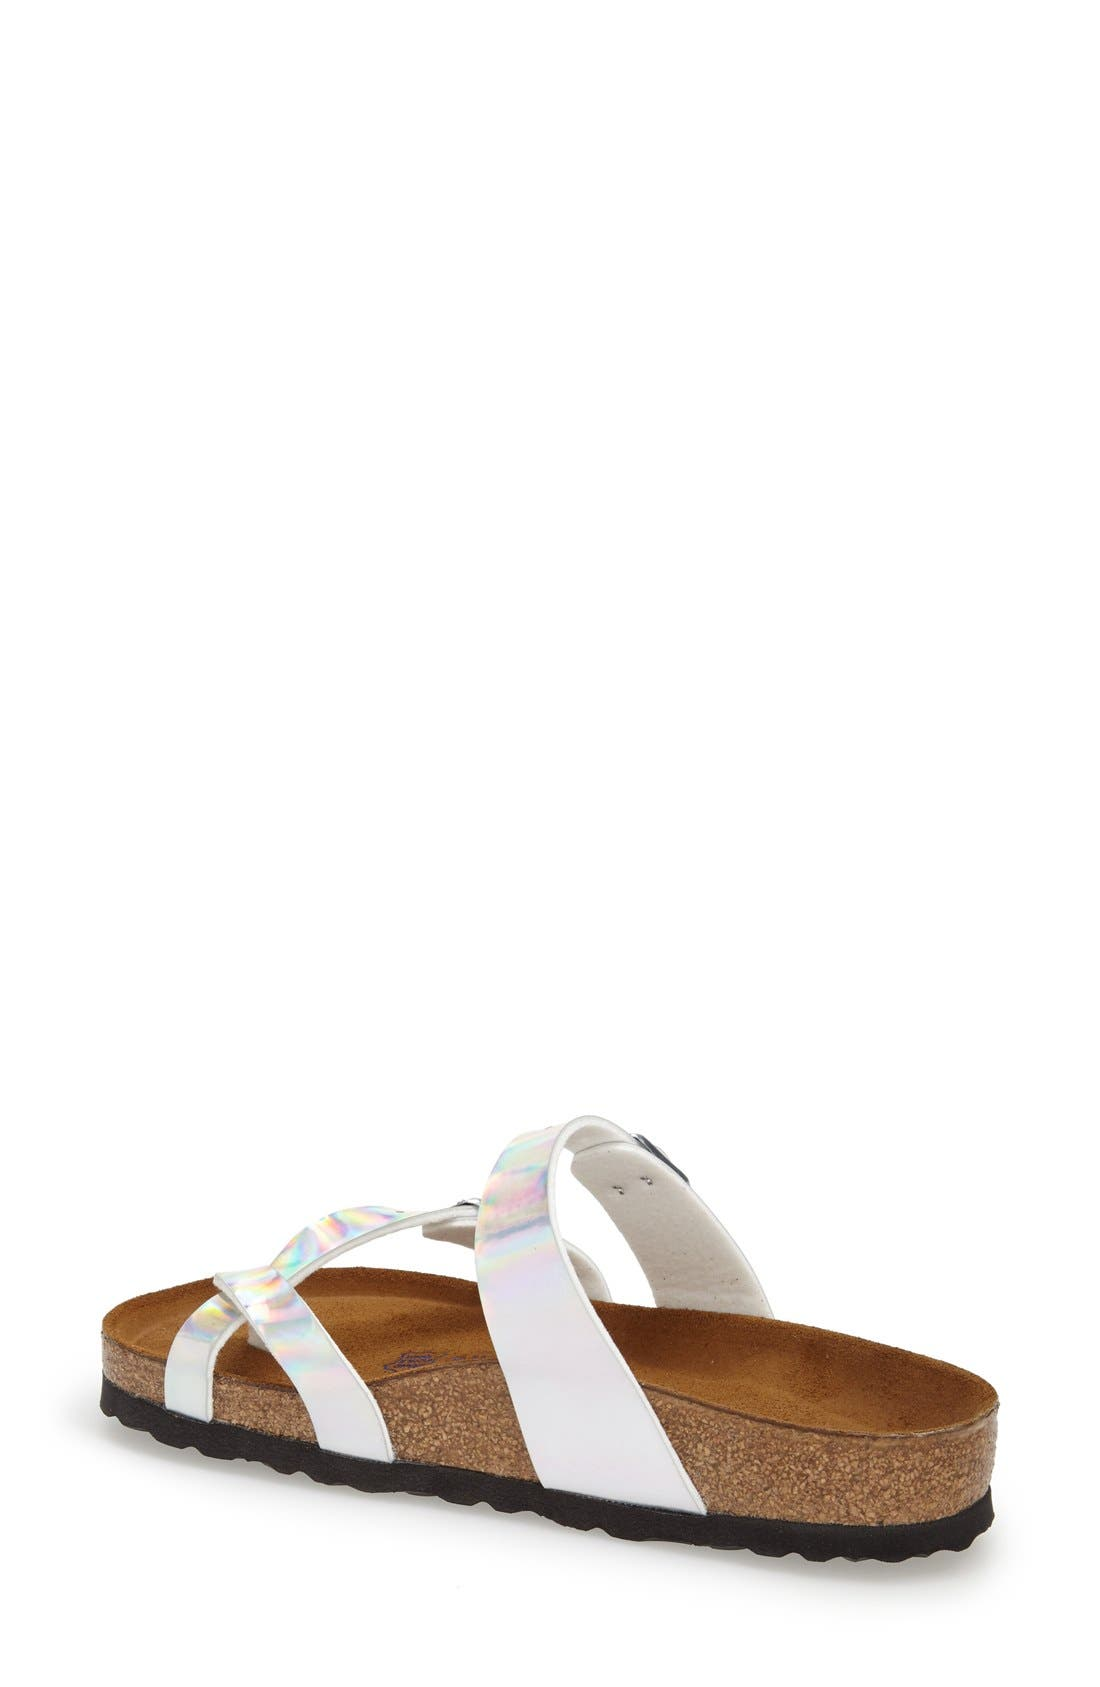 'Mayari' Birko-Flor<sup>™</sup> Sandal,                             Alternate thumbnail 2, color,                             040